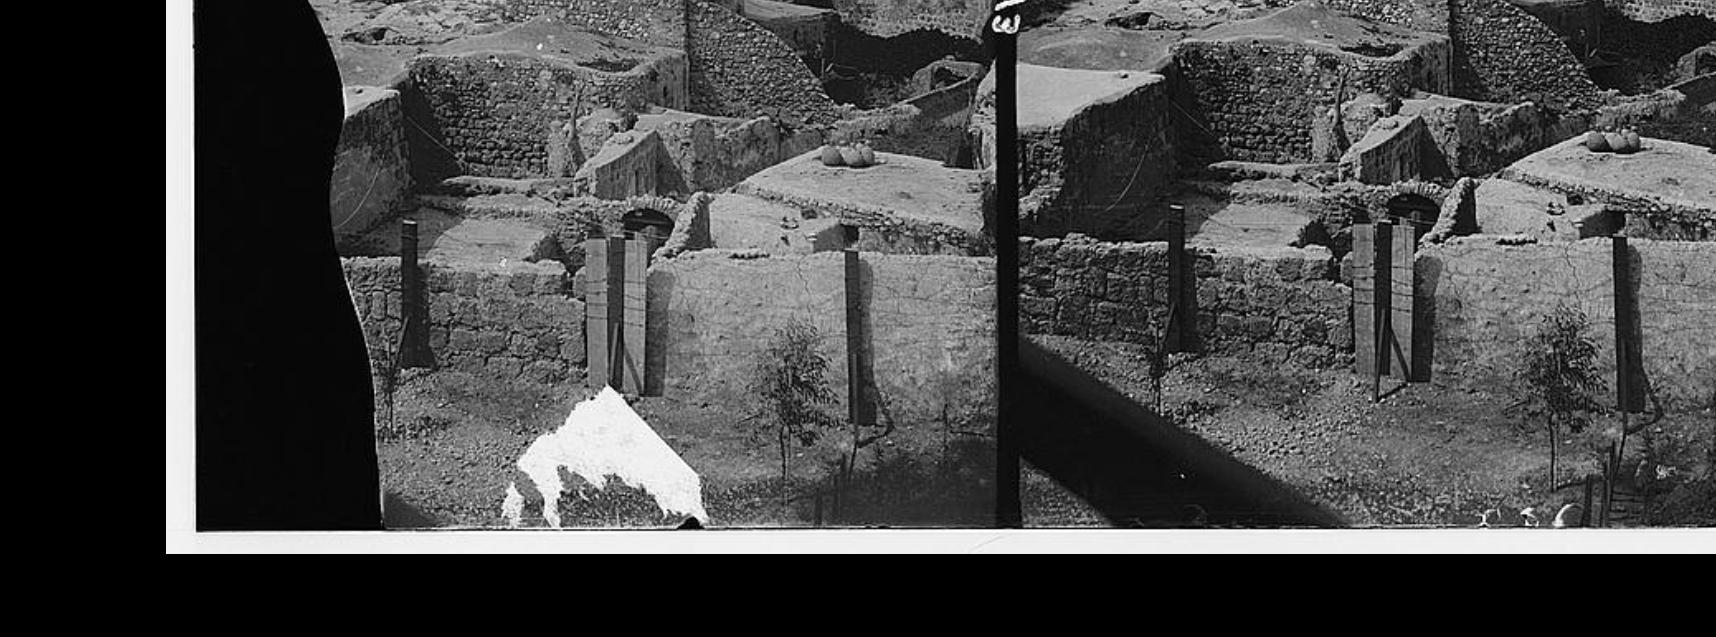 מראה כללי של לוד העתיקה- מקור- ספריית הק